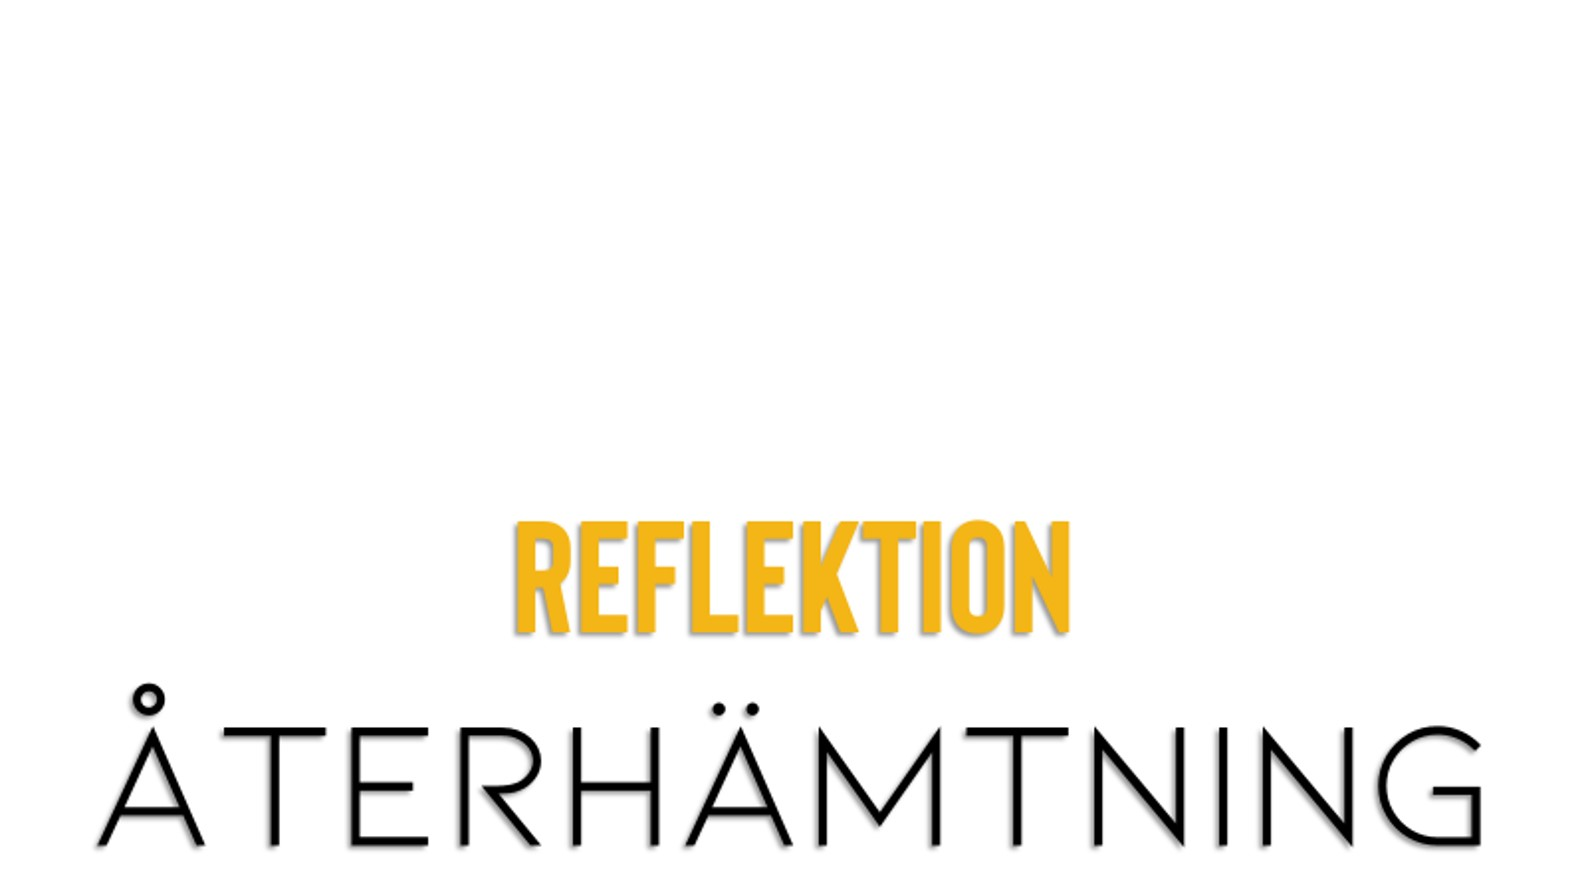 Reflektion och återhämtning